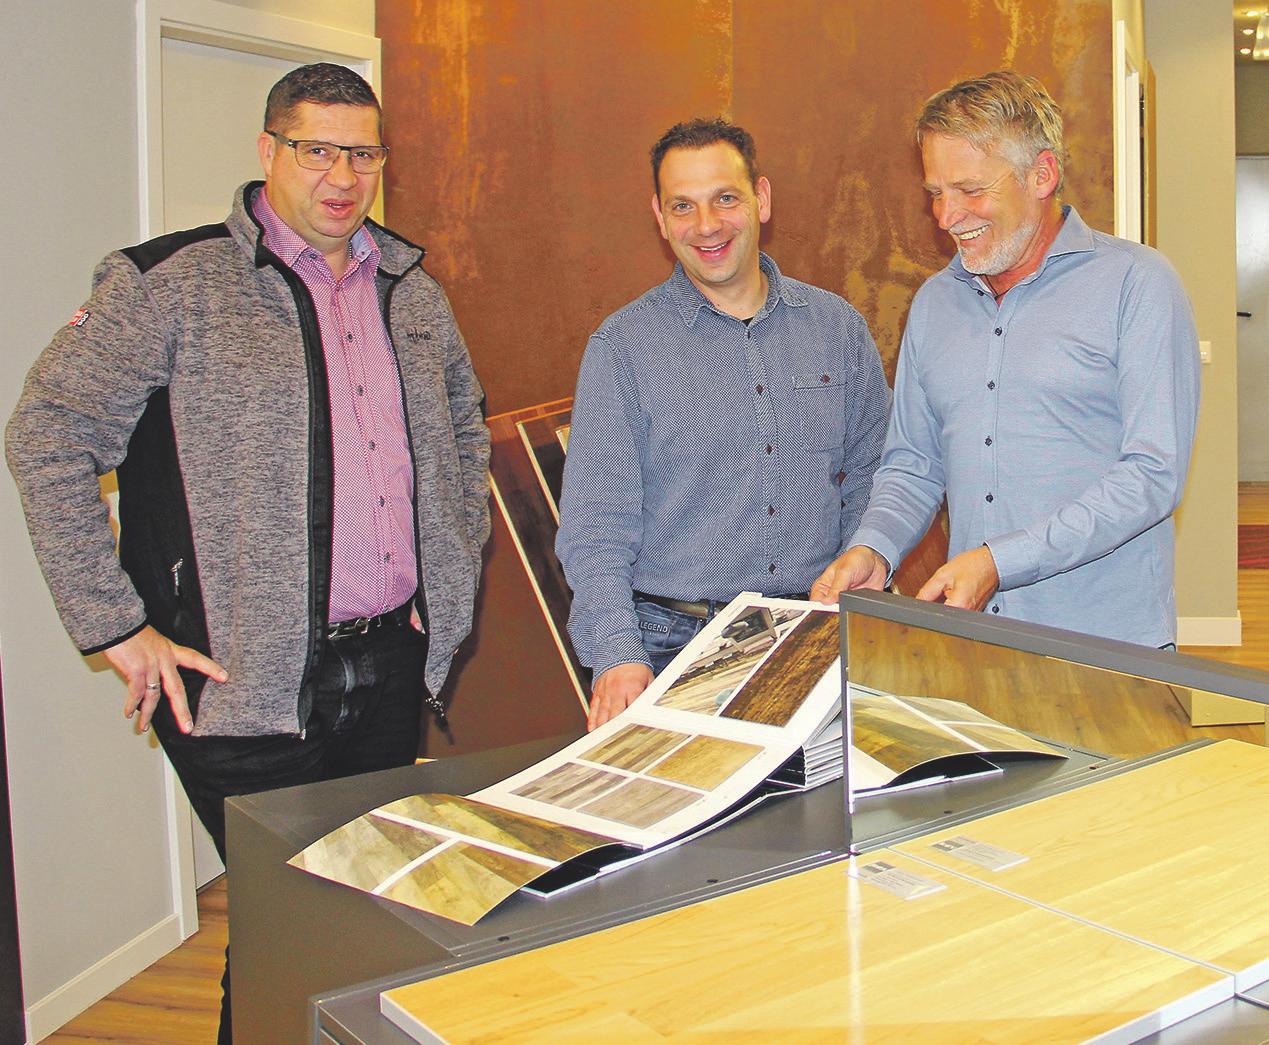 Die Geschäftsführer Frank Bartnitzke, Tobias Stamml und Arno Binder (v.l.) sind alle Raumausstattermeister. Foto: kili